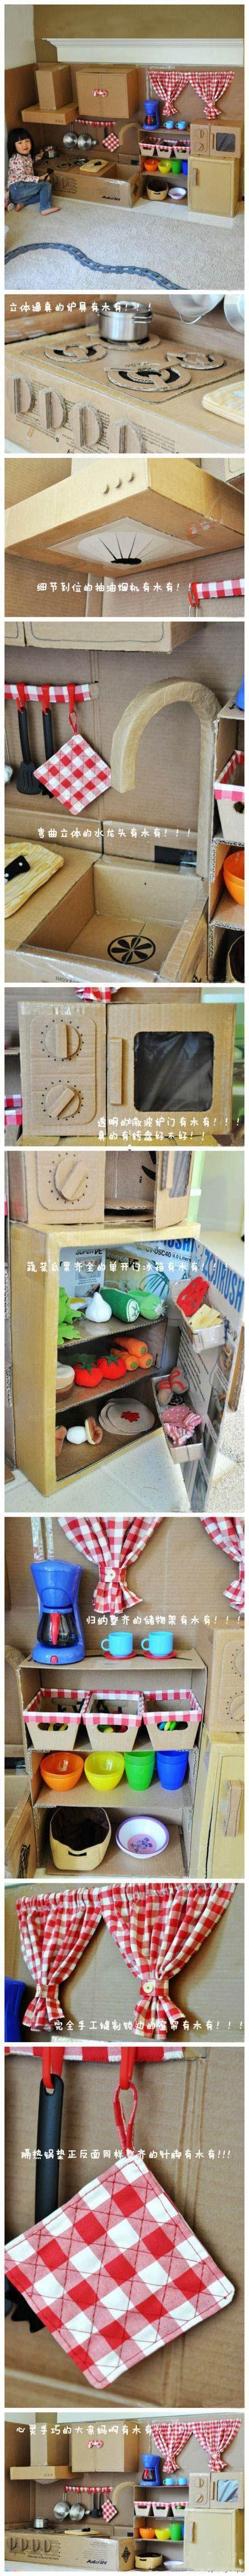 妈妈给孩子手工制作的纸箱版迷你厨房